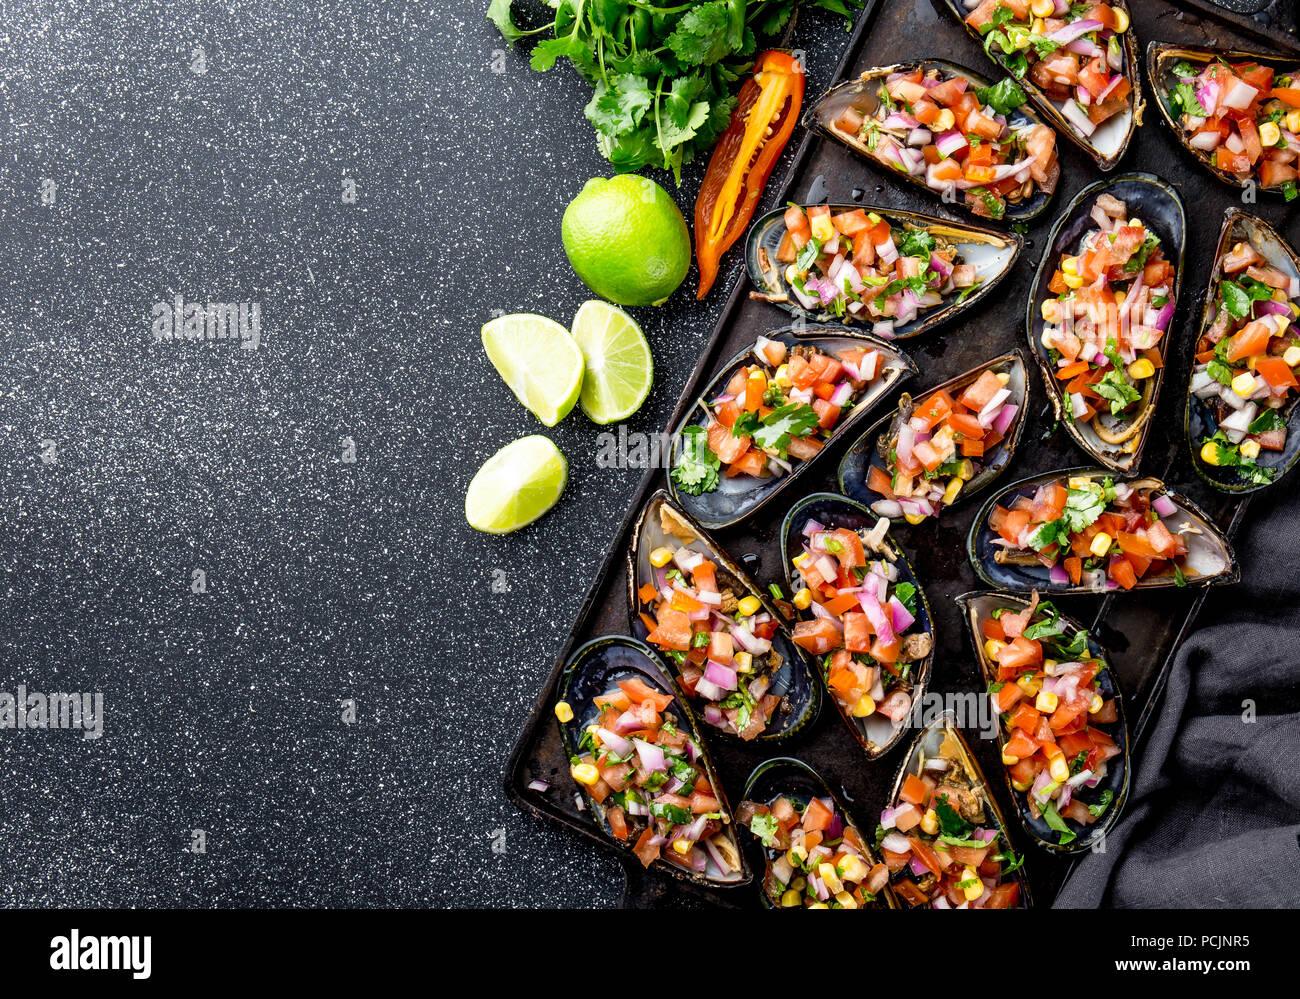 Peruanisches Essen. Choros a la chalaca. Große Muscheln, Choros zapatos gewürzt mit lila Zwiebeln, Tomaten, Mais und Zitrone. Ansicht von oben, schwarzen Hintergrund. Die peruanische Gericht Stockbild